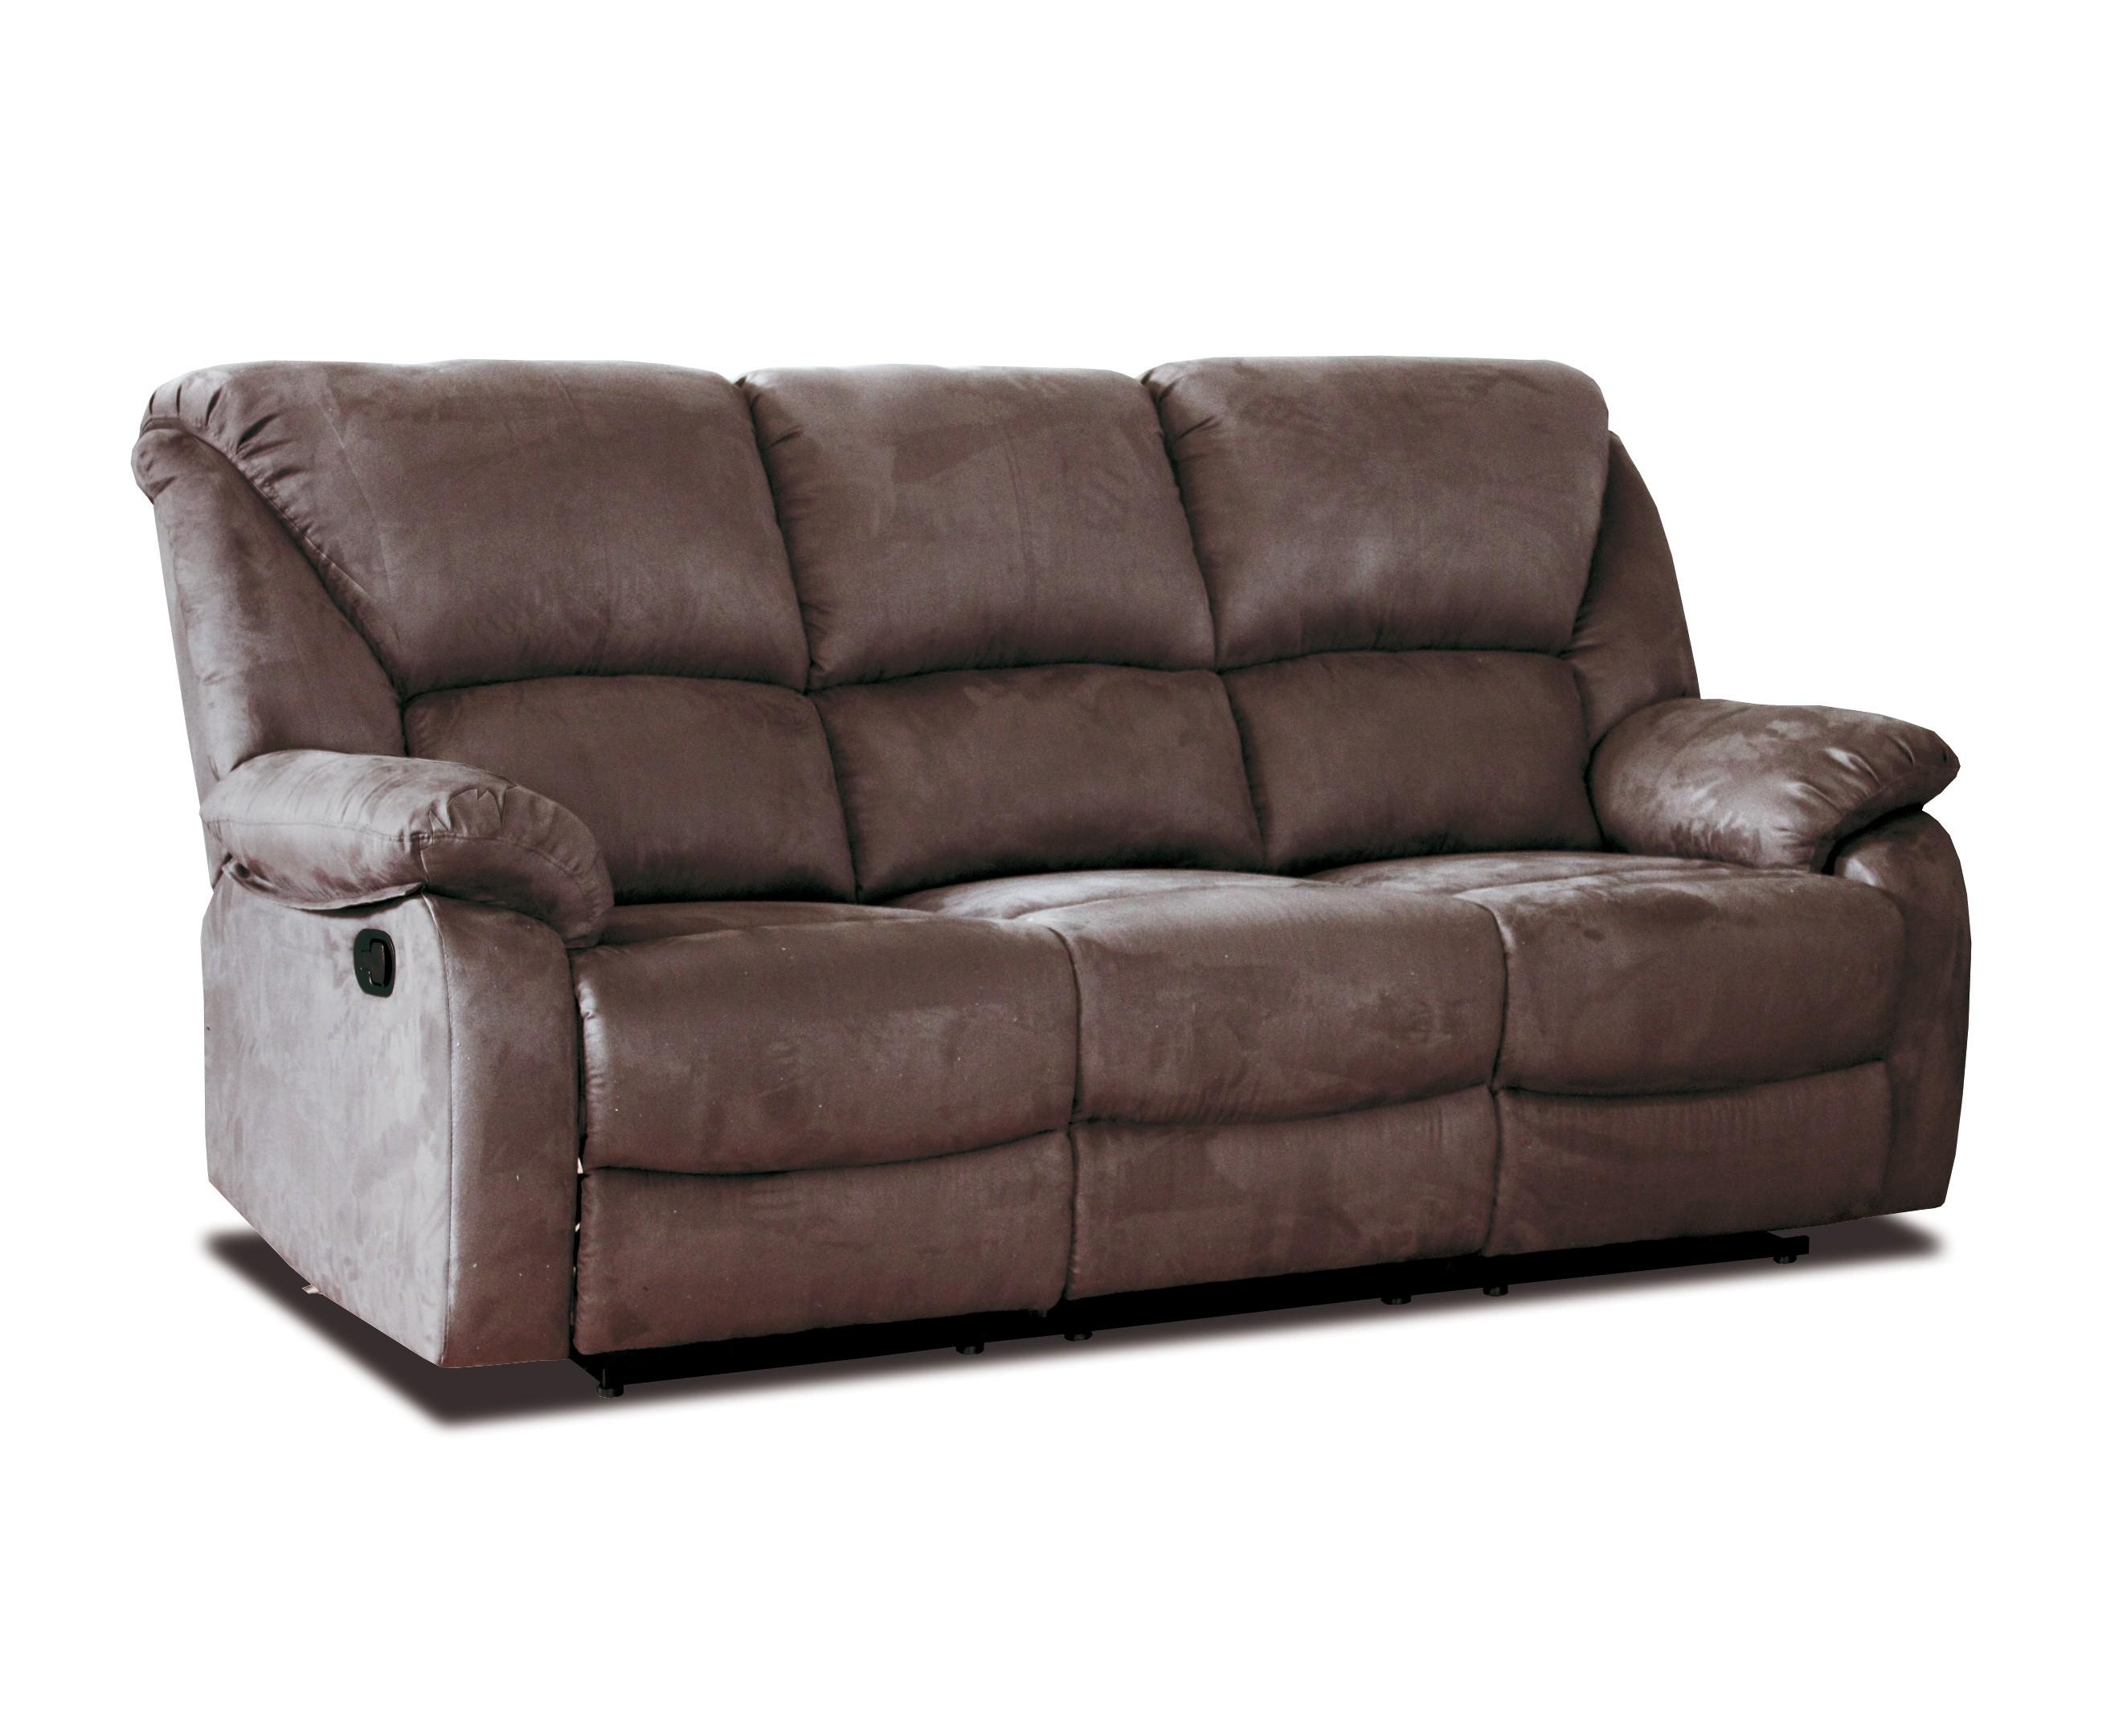 Sof s y tresillos en madrid muebles combar for Ofertas de tresillos